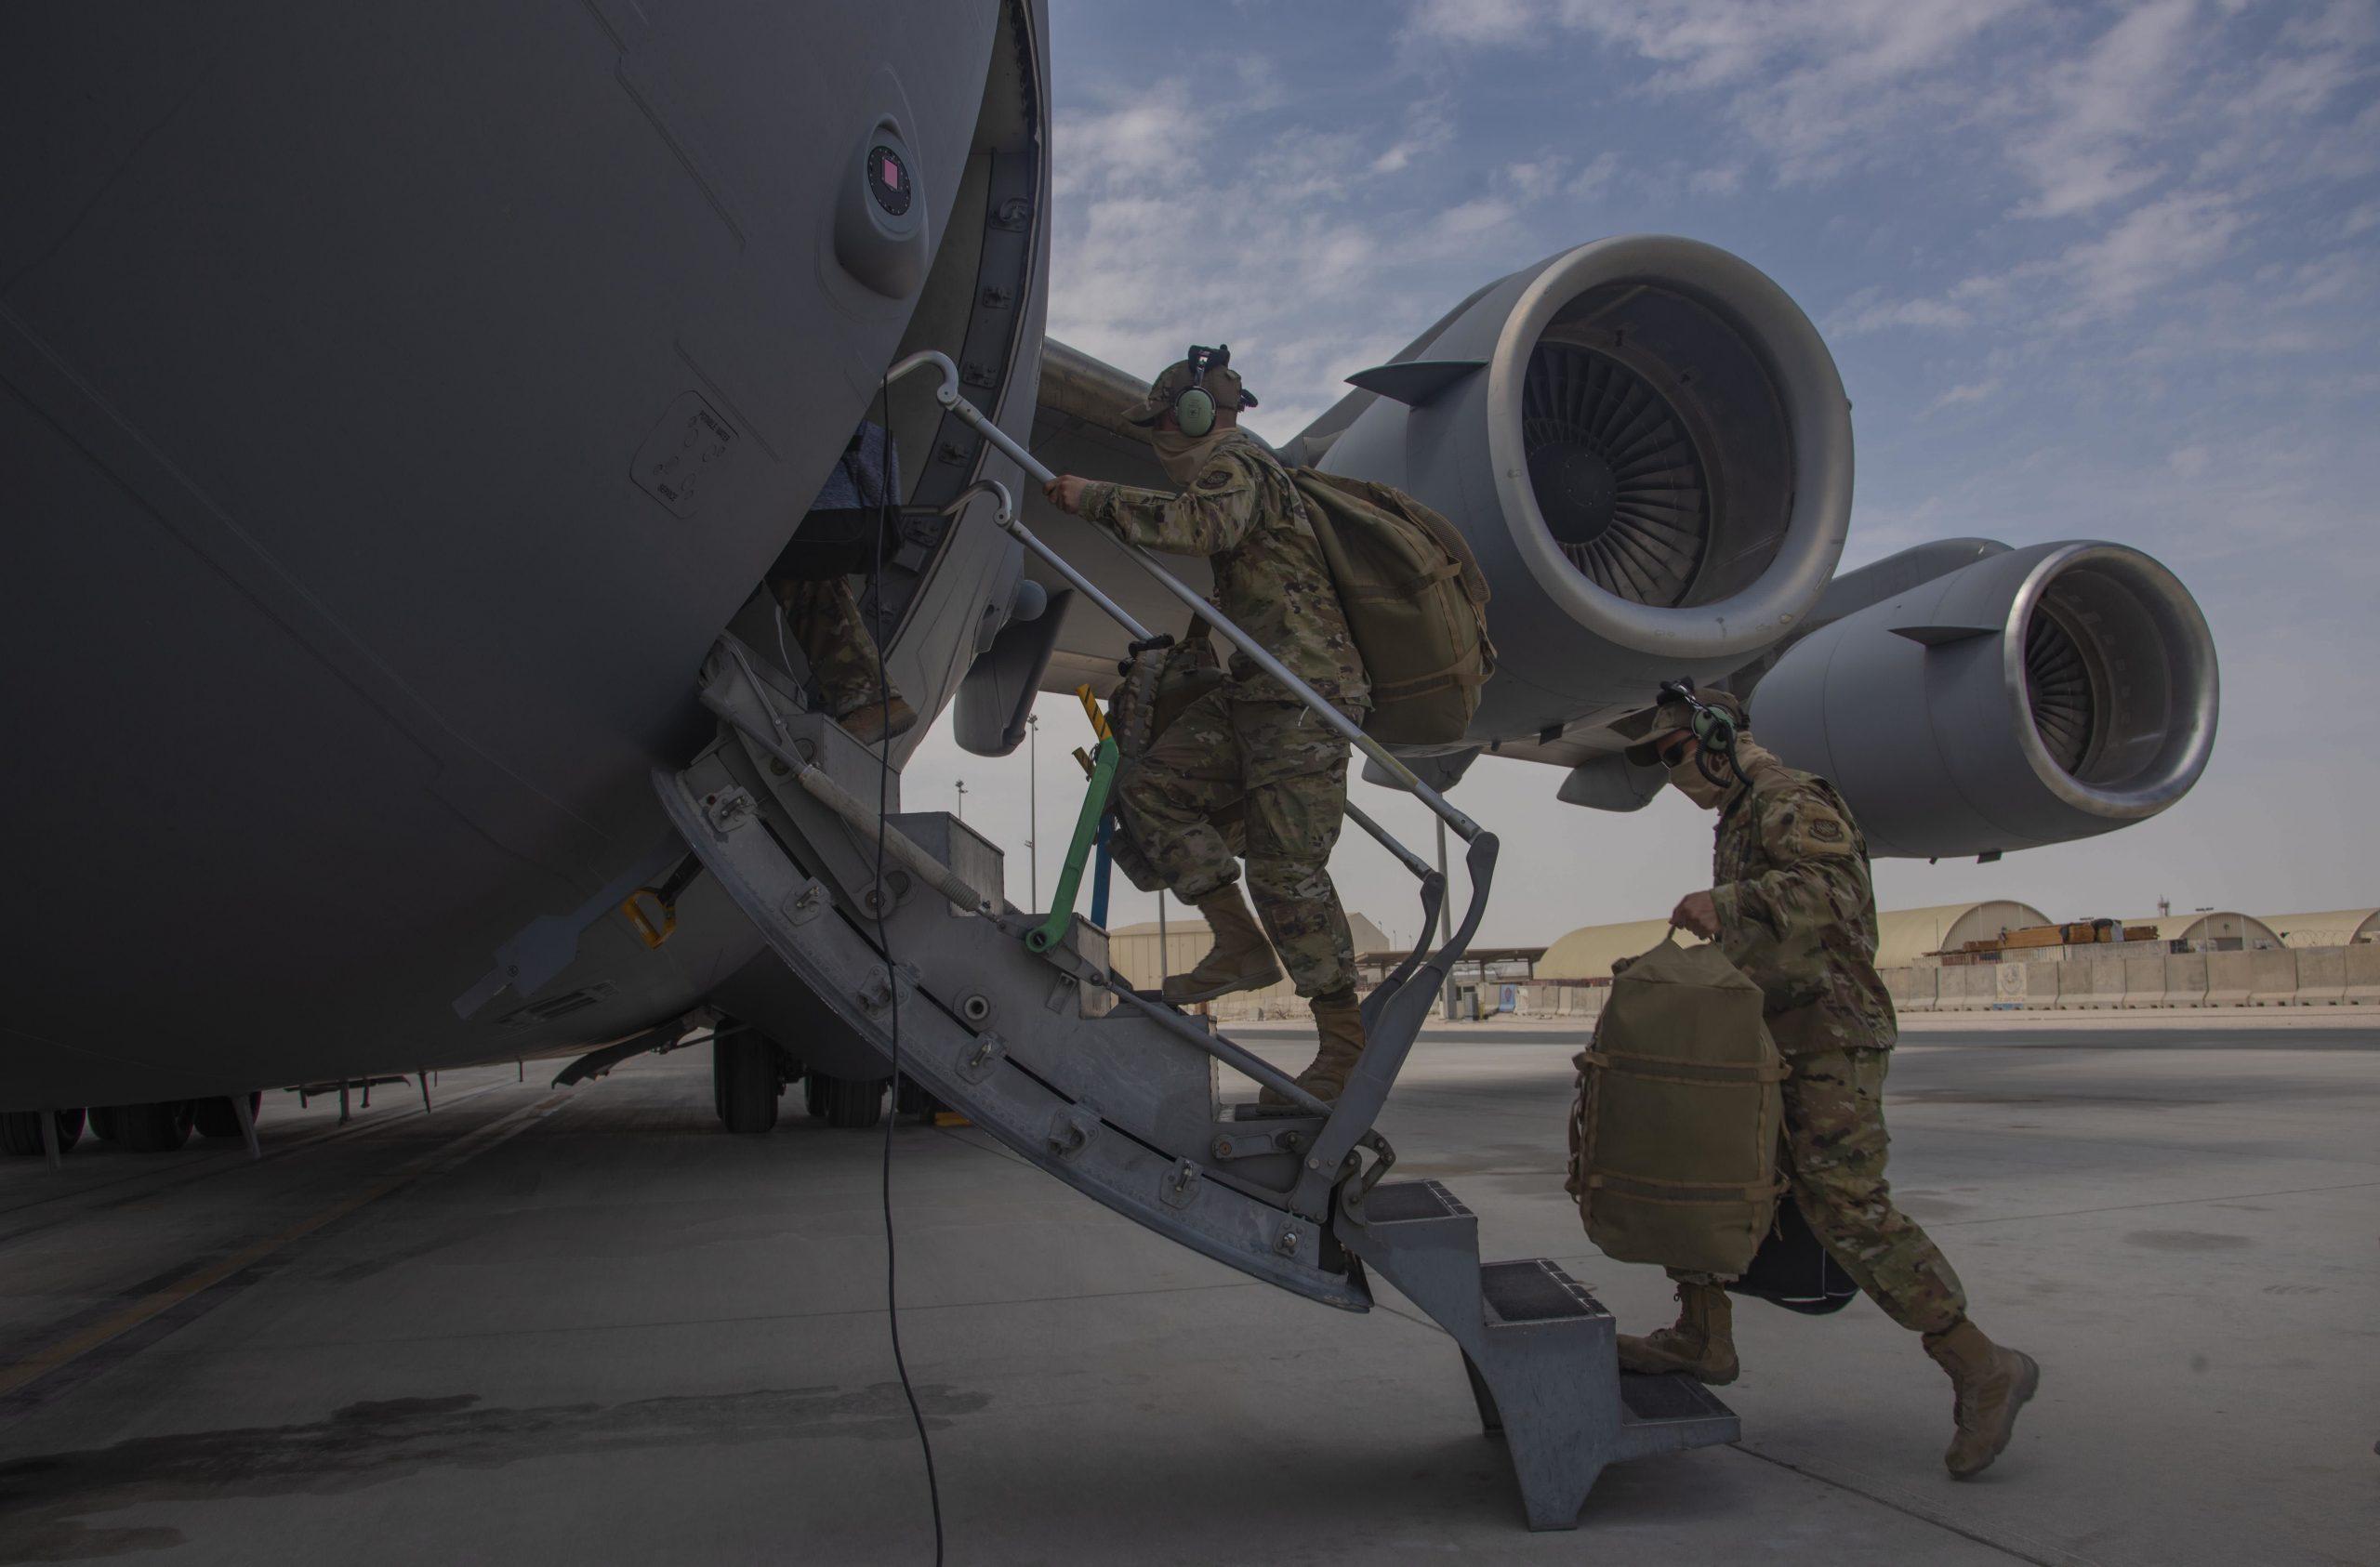 Las fuerzas estadounidenses están a la mitad de su retirada de Afganistán.